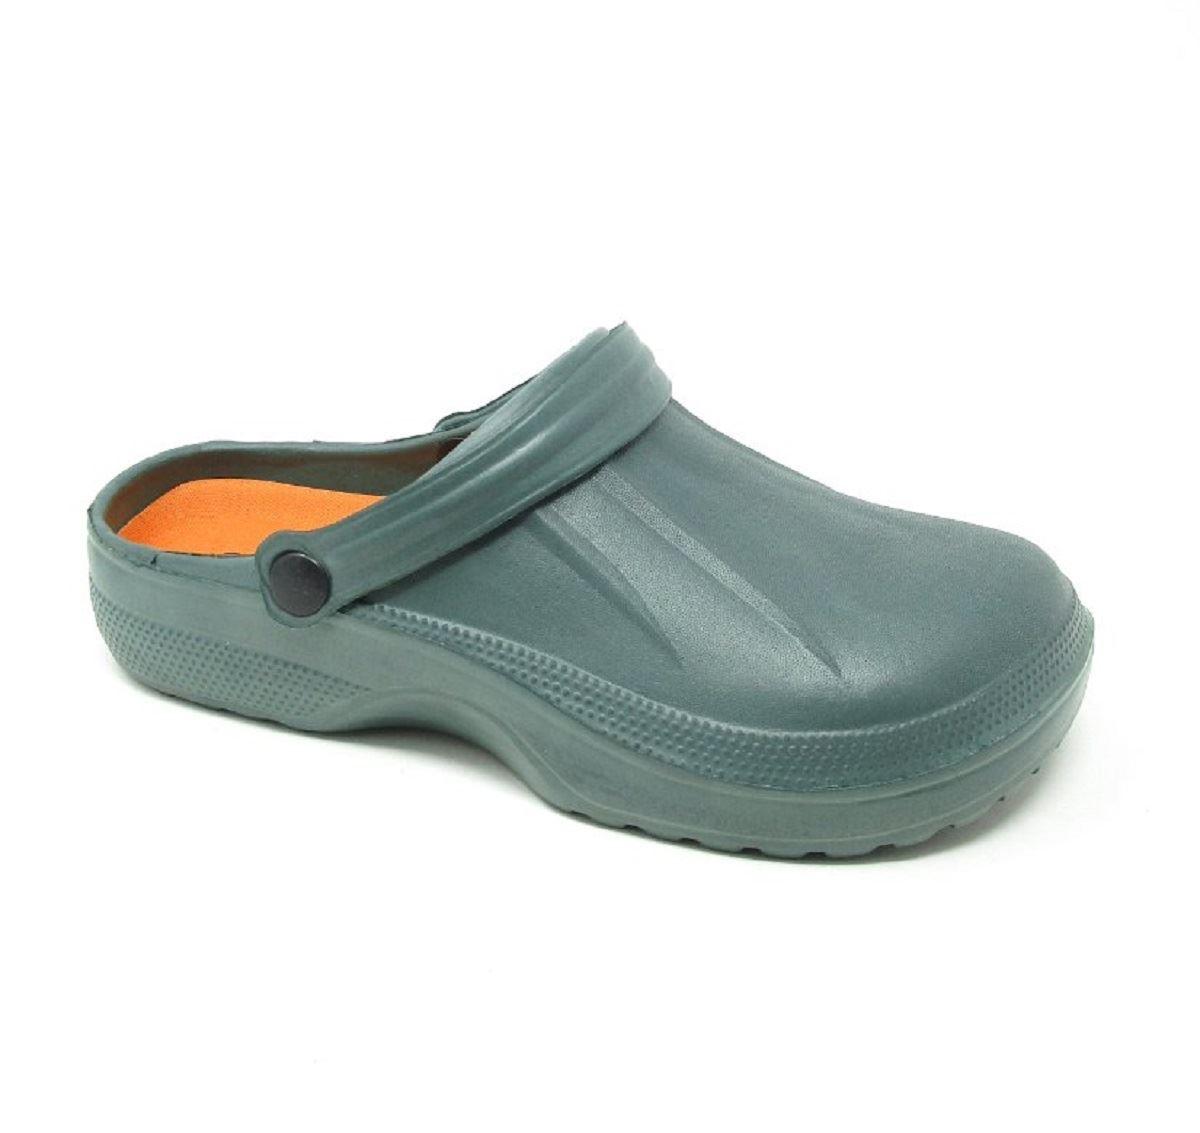 Womens-Clogs-Mules-Slipper-Nursing-Garden-Beach-Sandals-Hospital-Rubber-Shoes miniatura 15